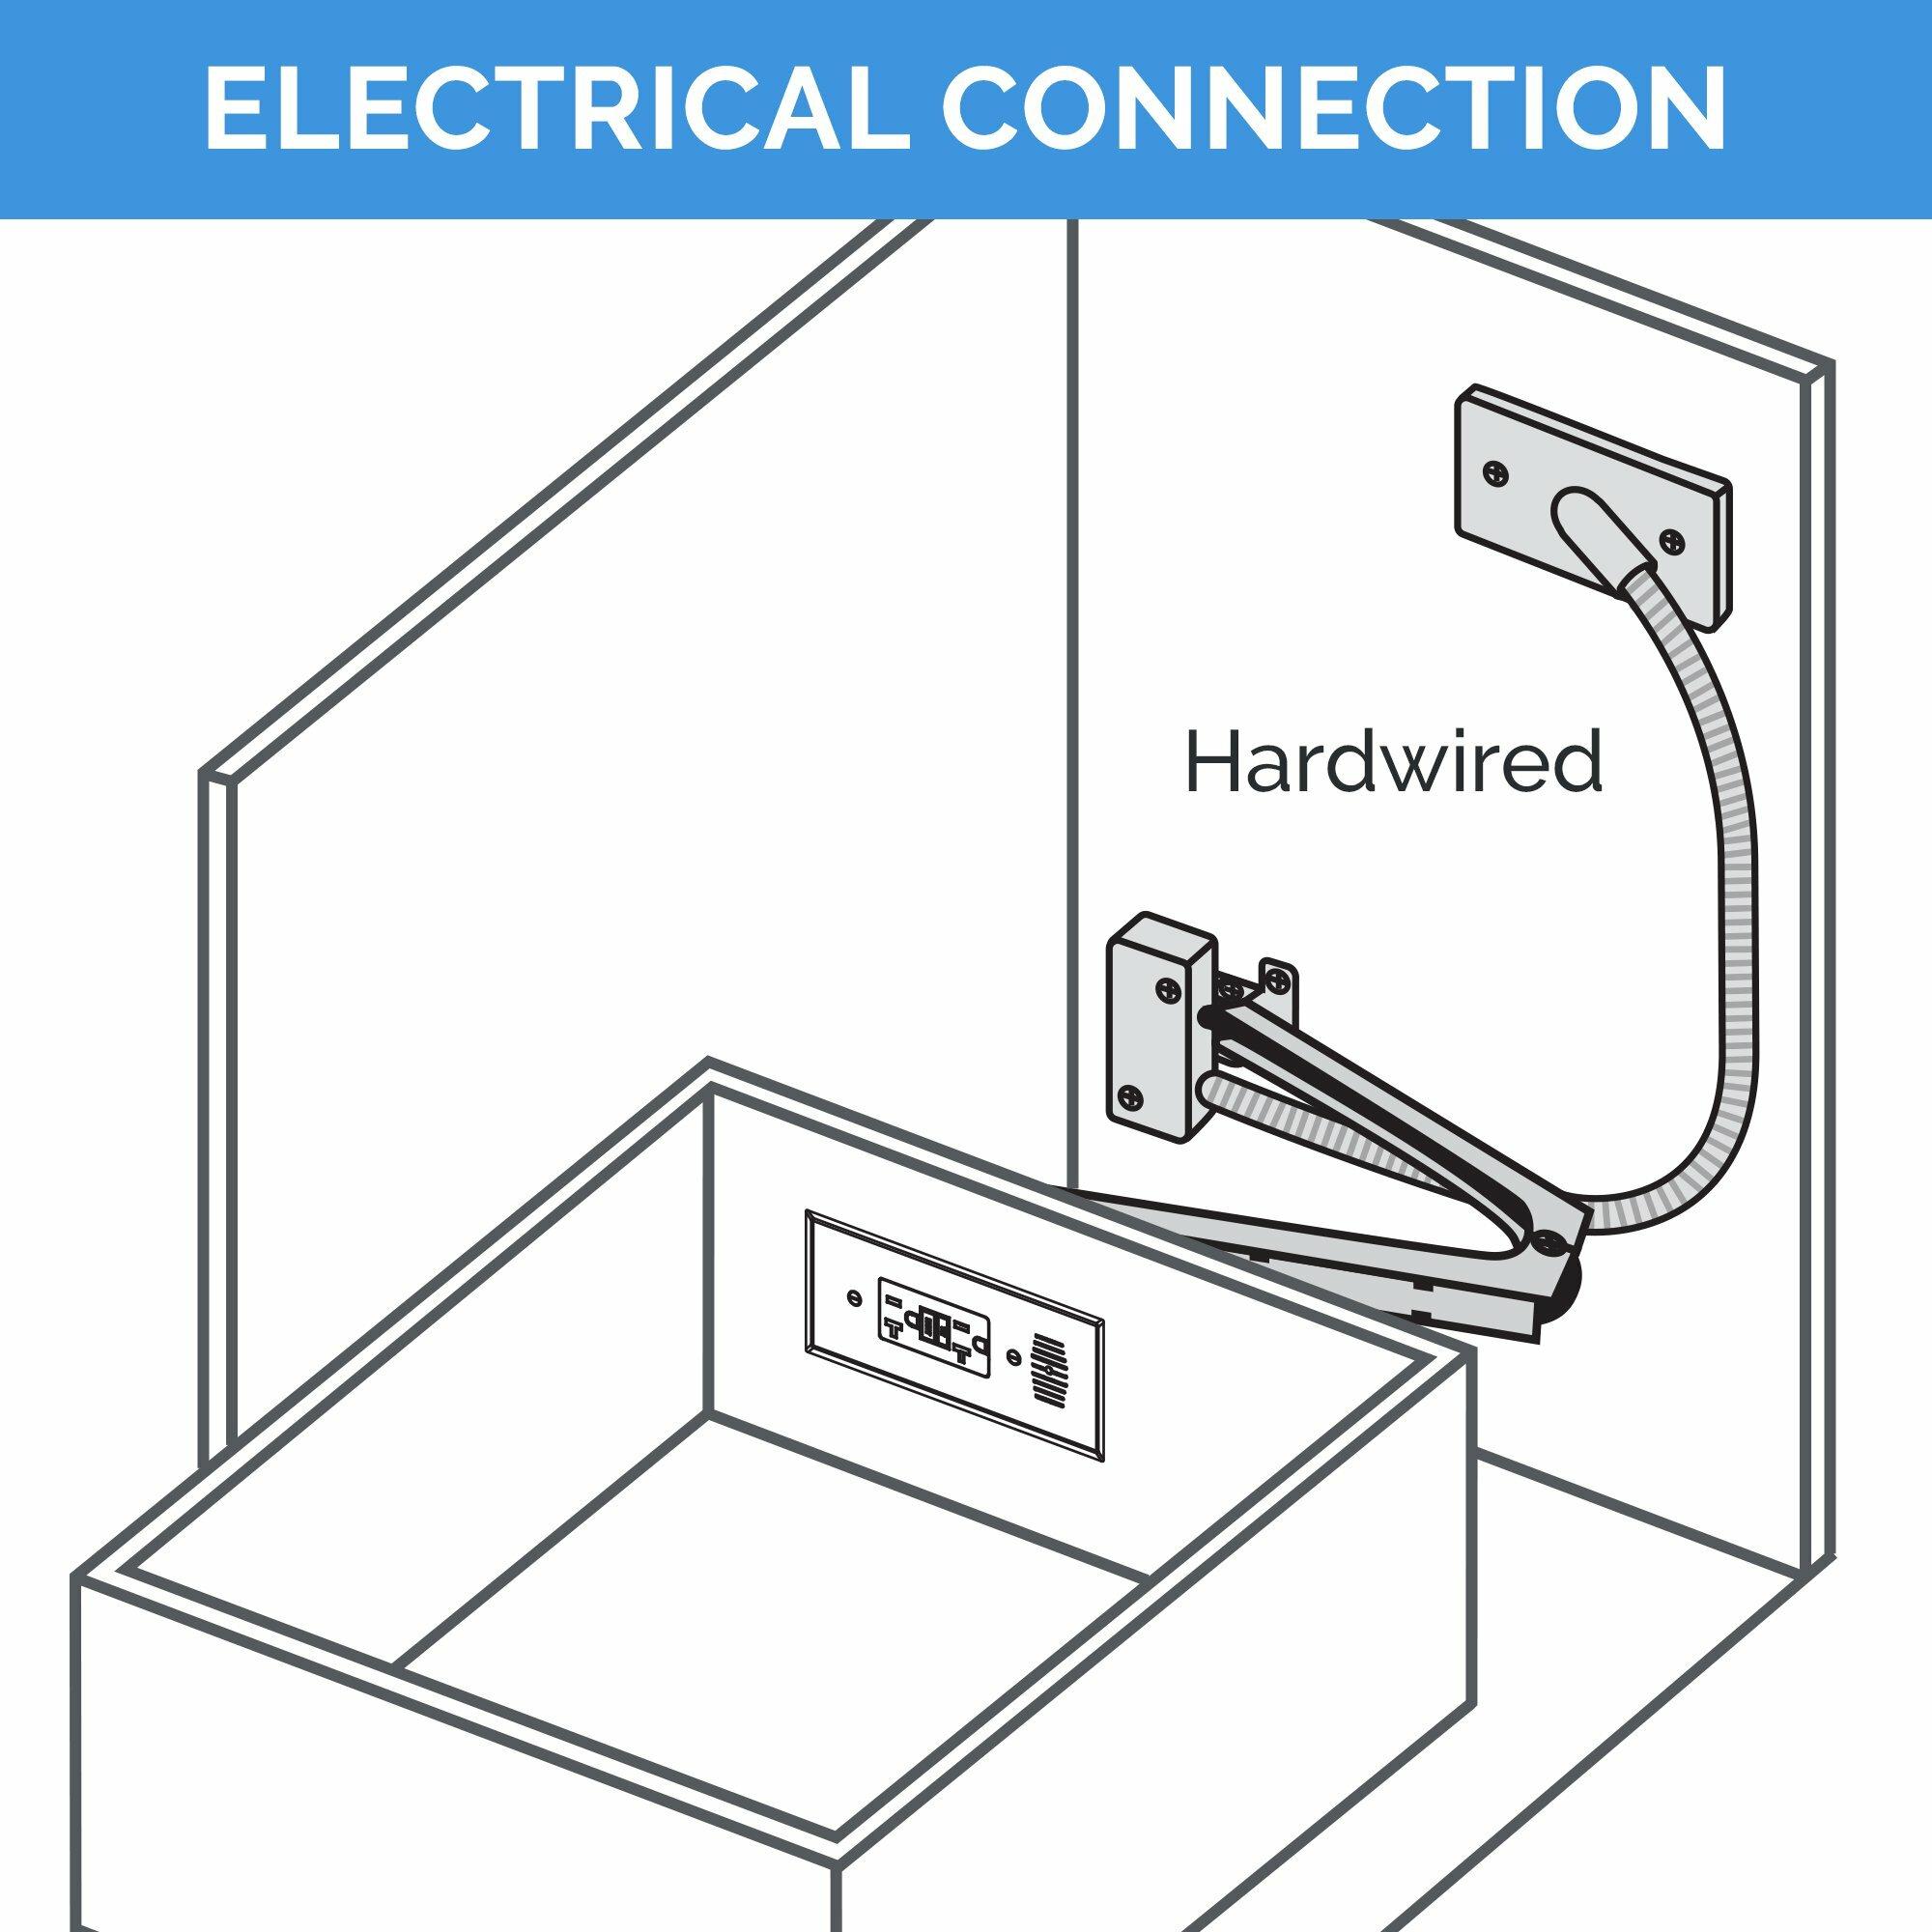 20 amp outlet diagram docking drawer 20 amp tamper resistant duplex outlet wayfair  20 amp tamper resistant duplex outlet